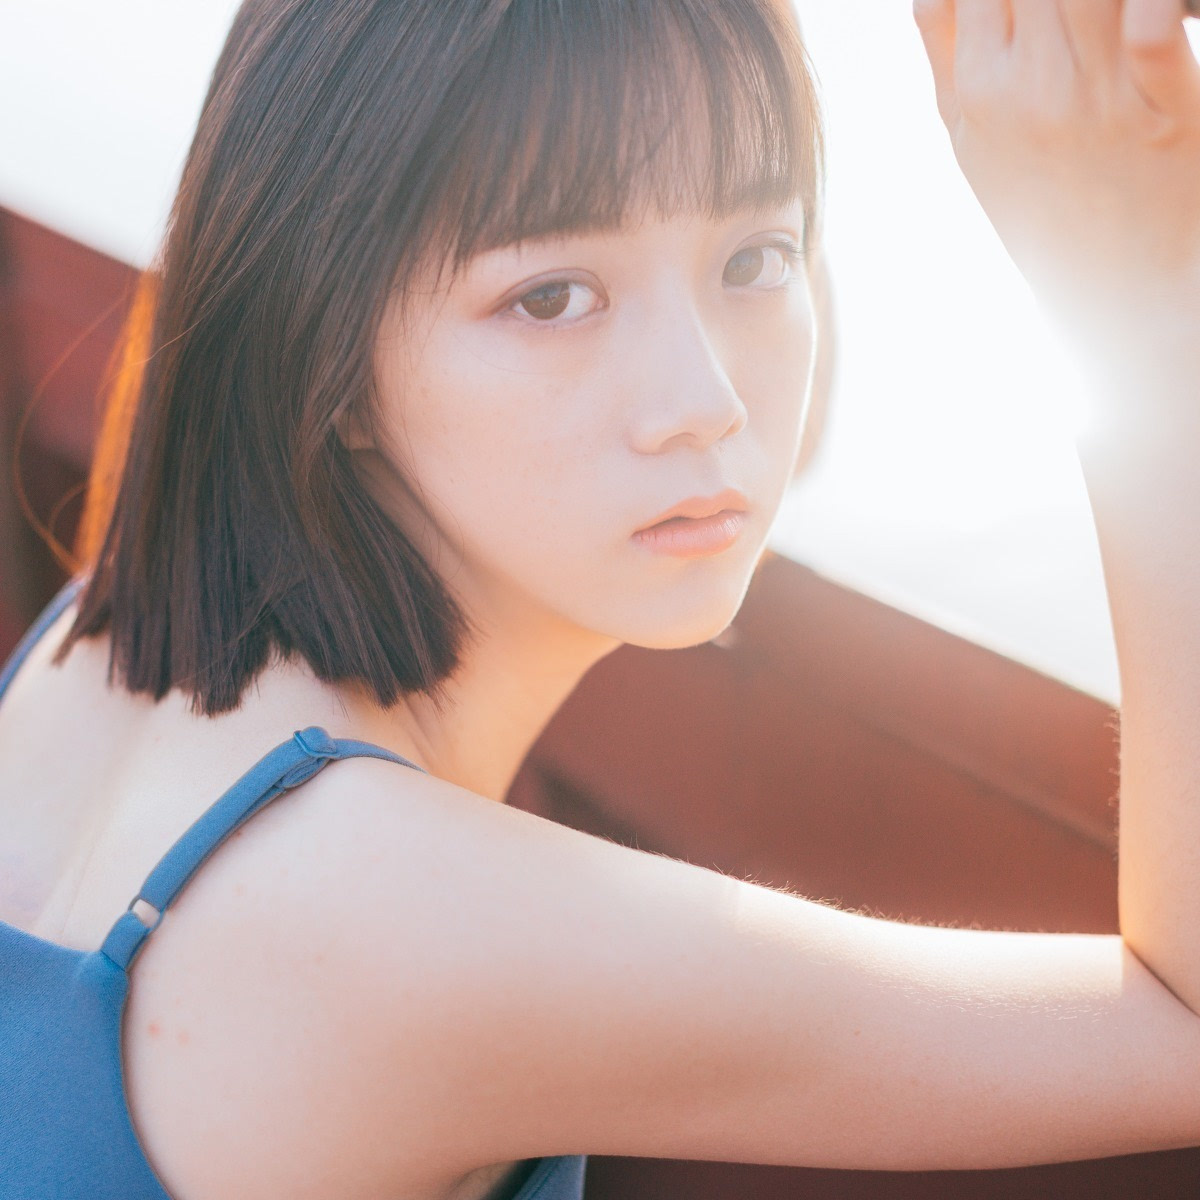 日本素颜短发美女-搜狐